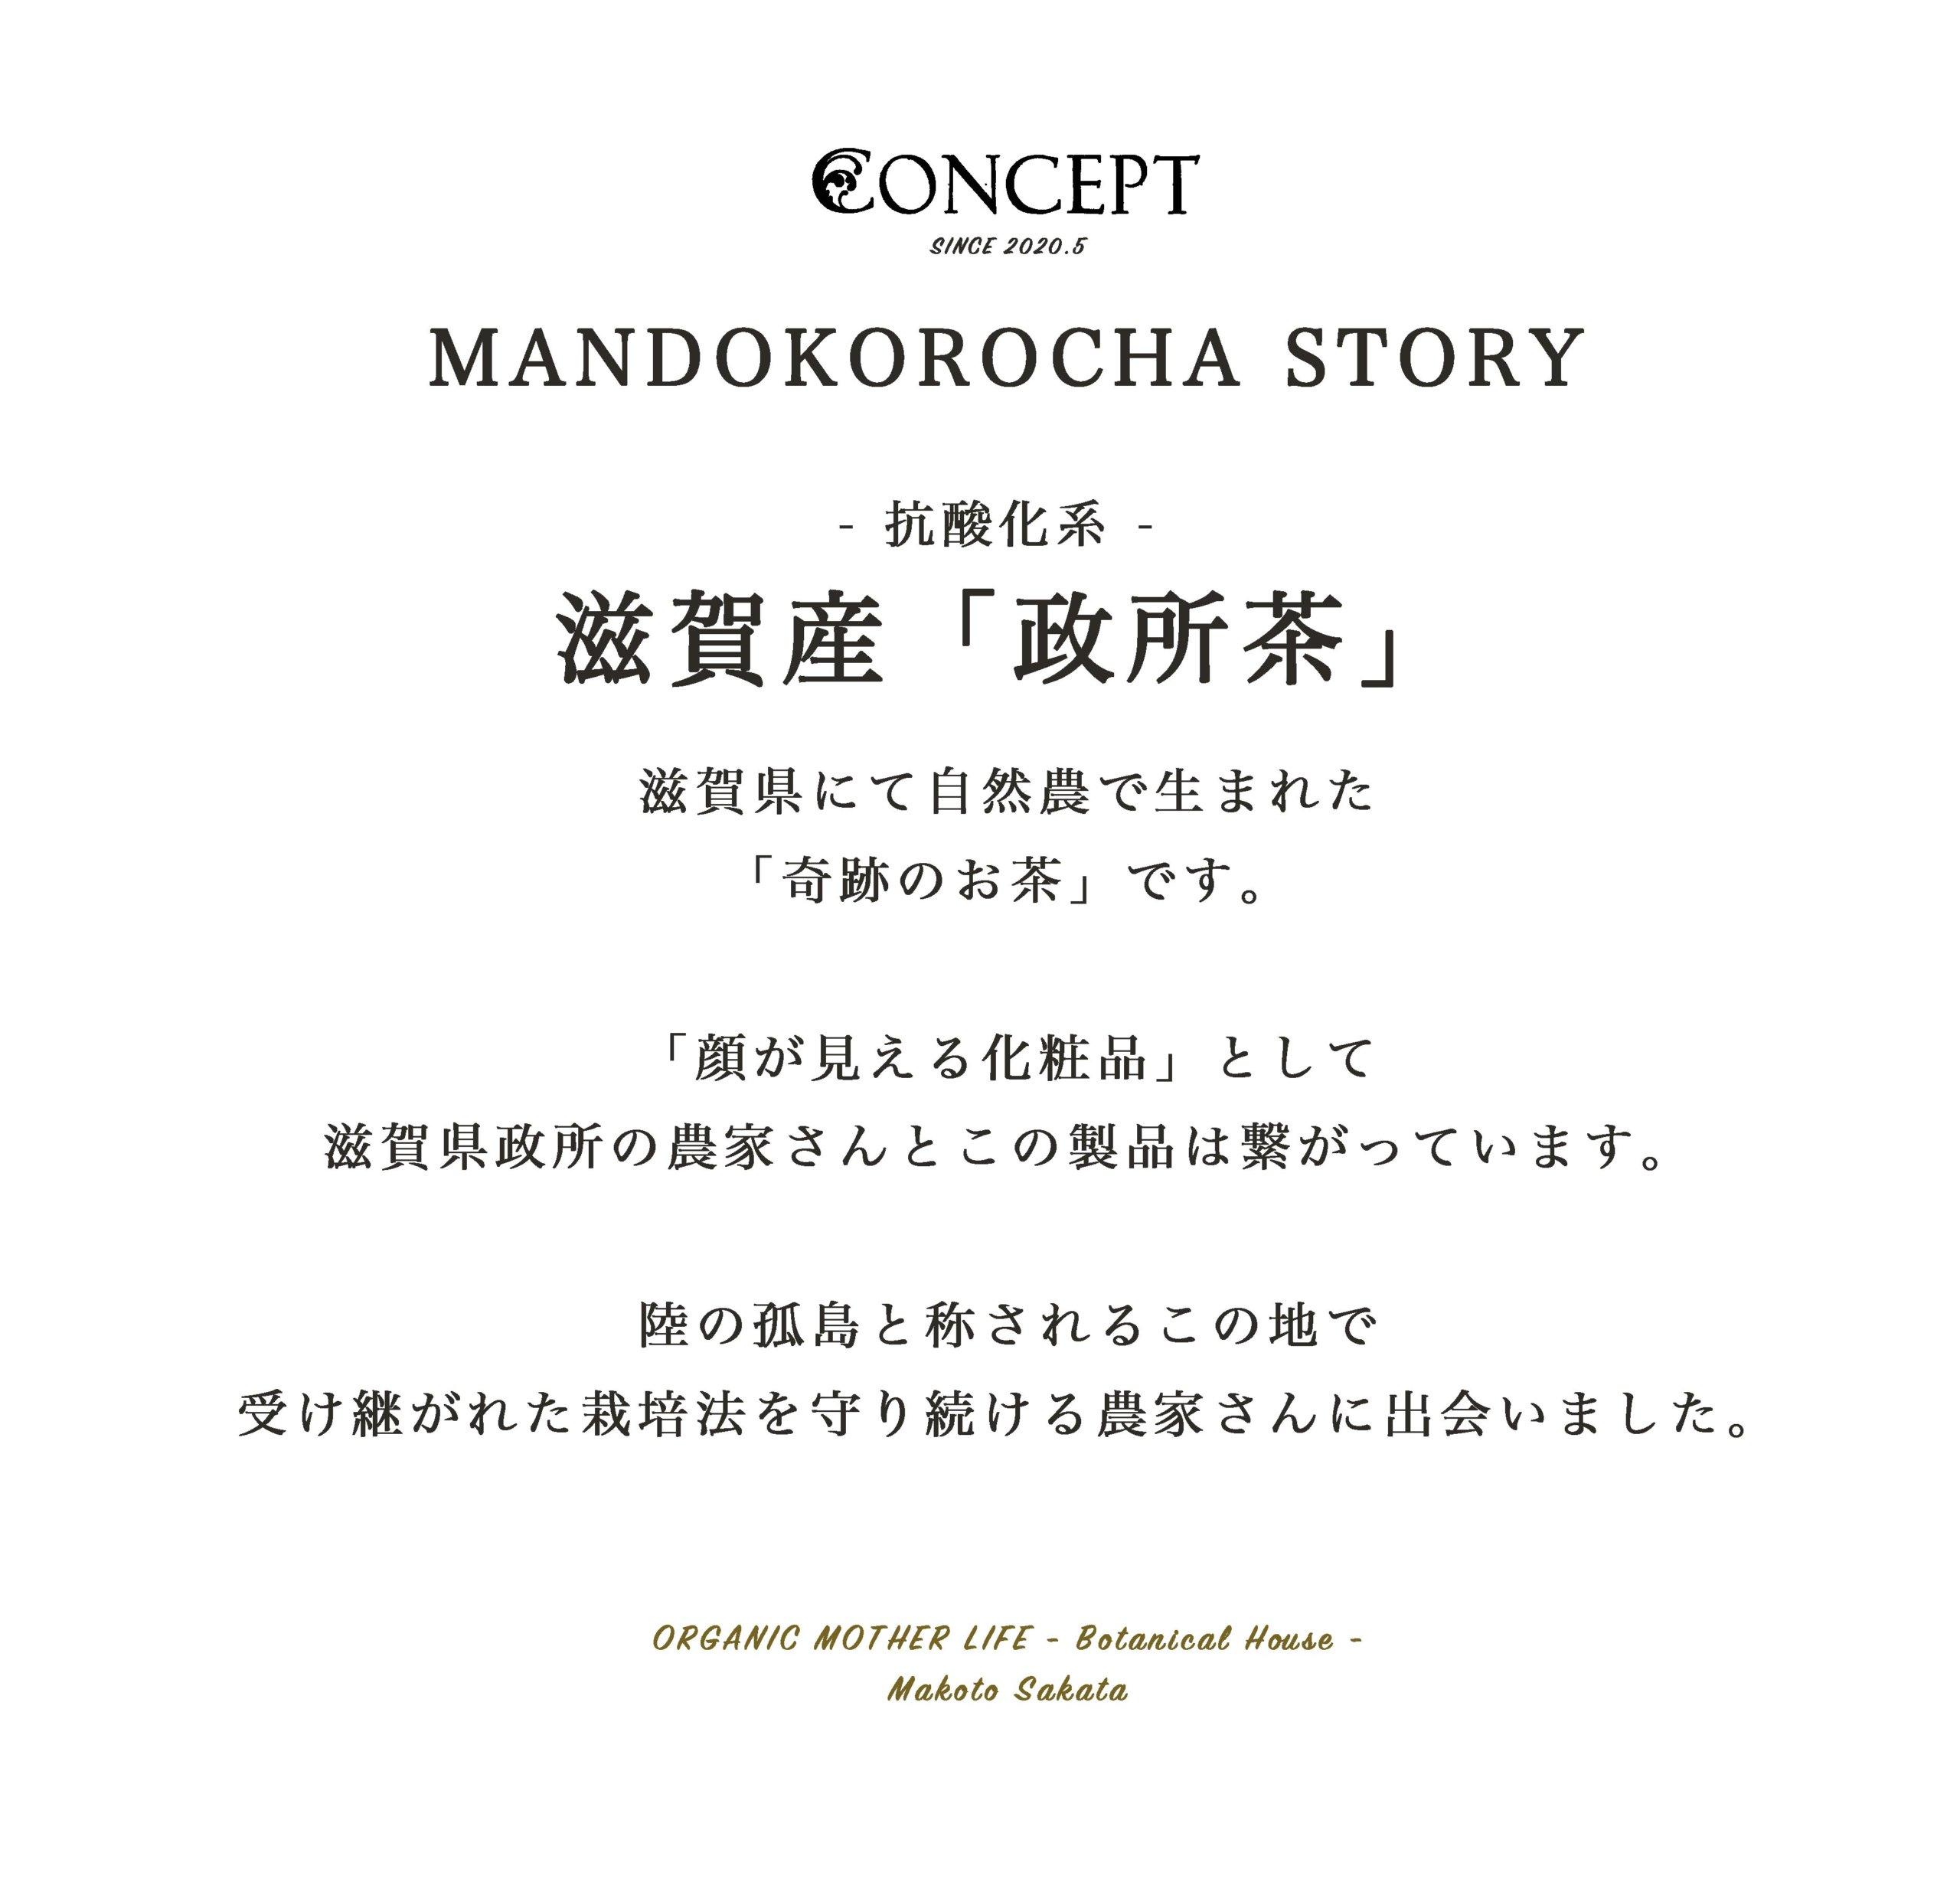 Botany MANDOKOROCHA STORY2